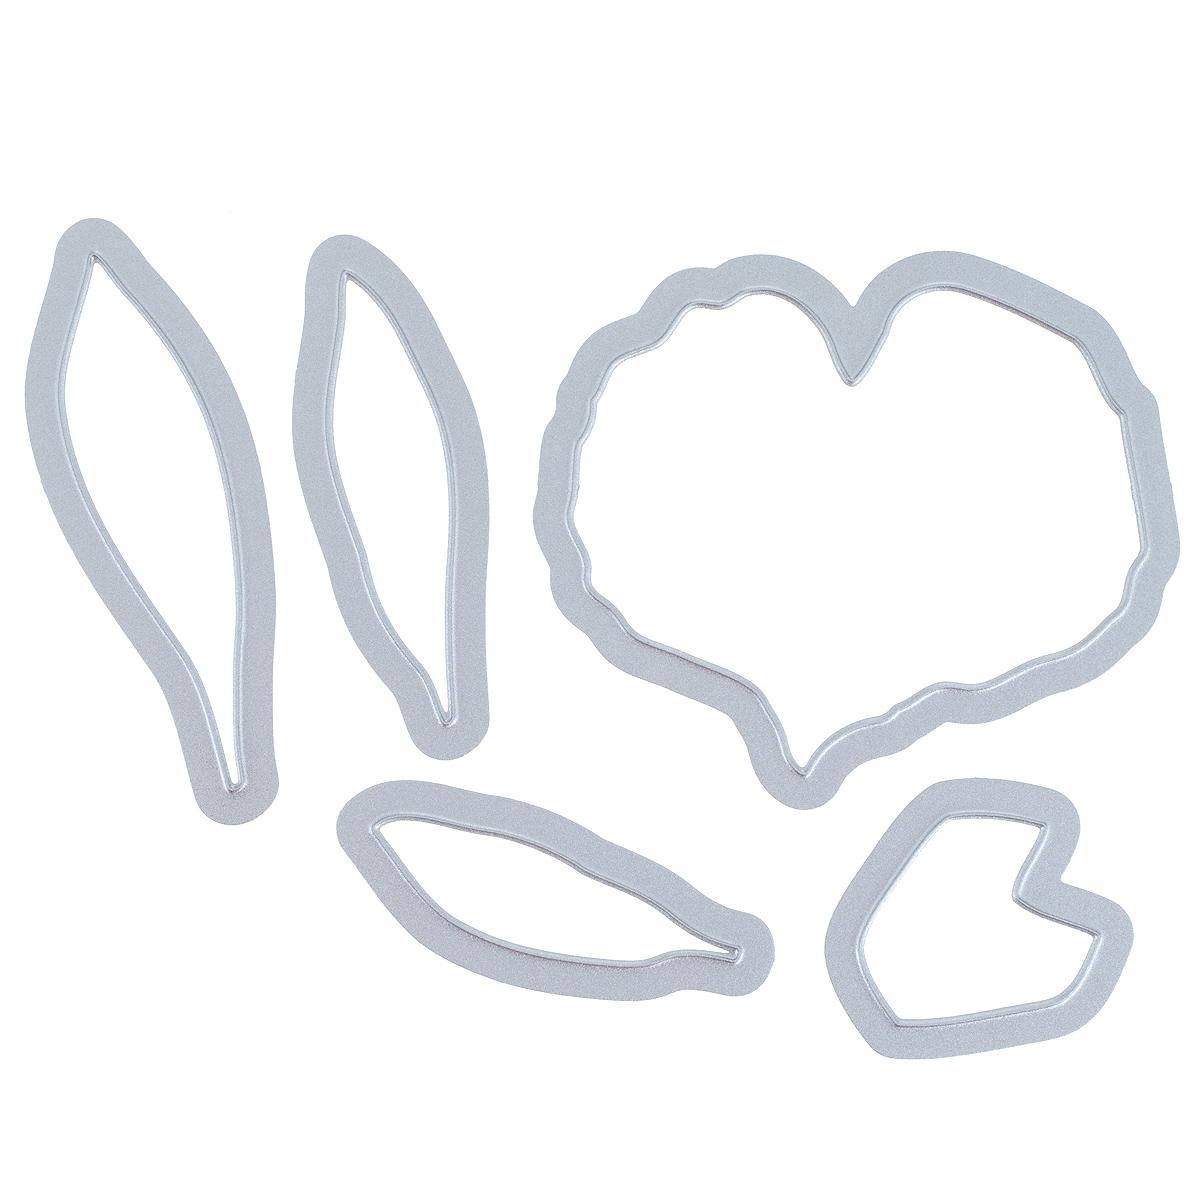 Форма для вырубки Sizzix Цветок антуриум, 5 шт658852С помощью металлических форм для вырубки Sizzix Цветок антуриум можно создать красивую фигурку в виде цветка. Формы для вырубки - это определенной формы ножи, обеспечивающие форму вырубной фигуры. Они режут бумагу, картон и ткань. Формы станут незаменимыми при создании скрап-страничек, открыток и конвертов с резными декоративными фигурками и ажурными украшениями. Формы для вырубки разнообразят вашу работу и добавят вдохновения для новых идей. Формы подходят для машинки для вырубки. Количество форм в наборе: 5 шт. Максимальный размер формы: 7 см х 6,2 см. Минимальный размер формы: 3,1 см х 3 см.